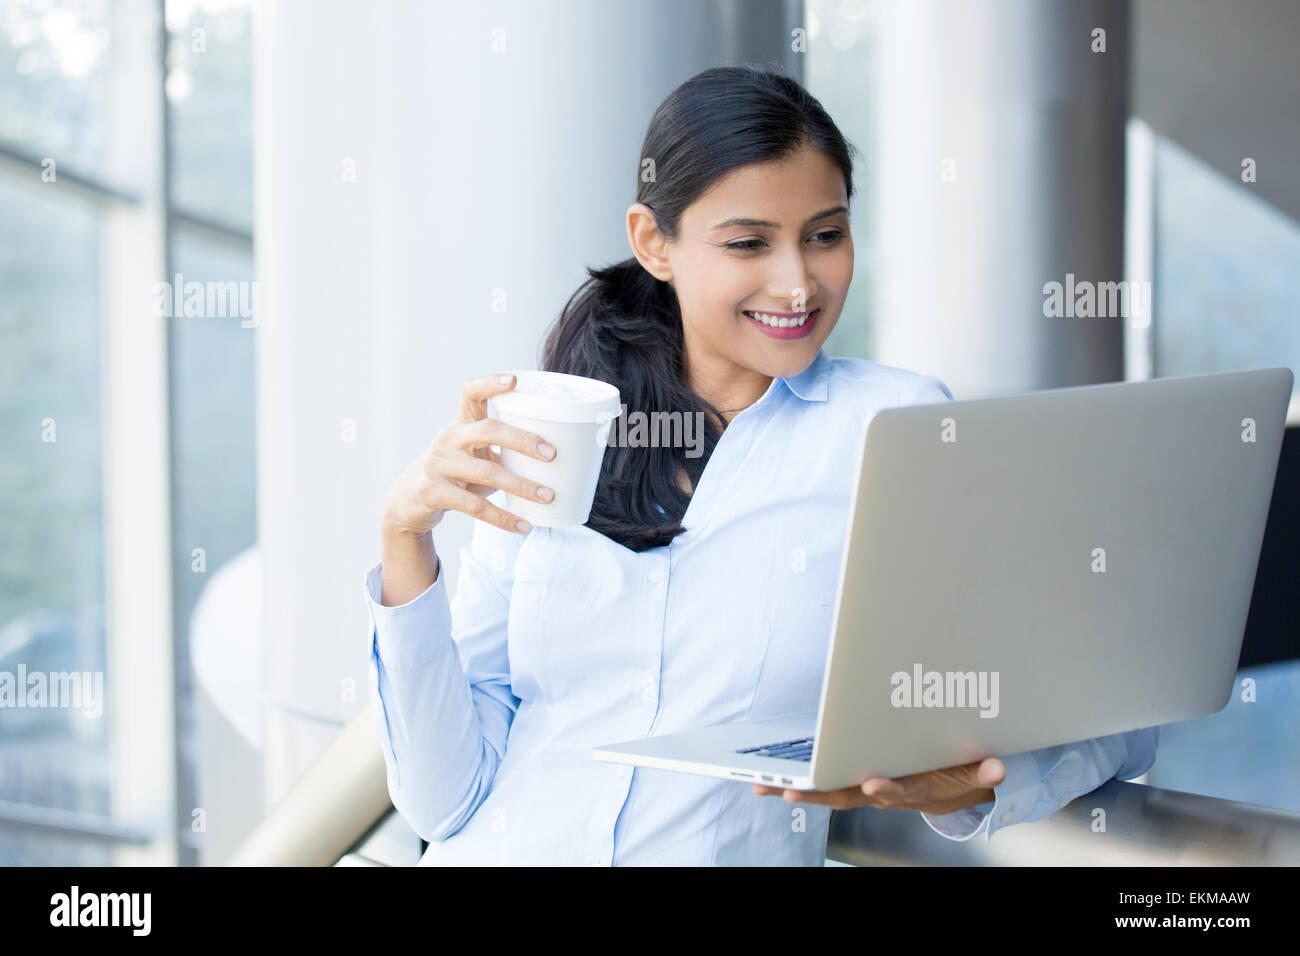 Closeup Ritratto, giovane, attraente woman standing, bere caffè, sorridente alla ricerca, navigazione portatile Immagini Stock